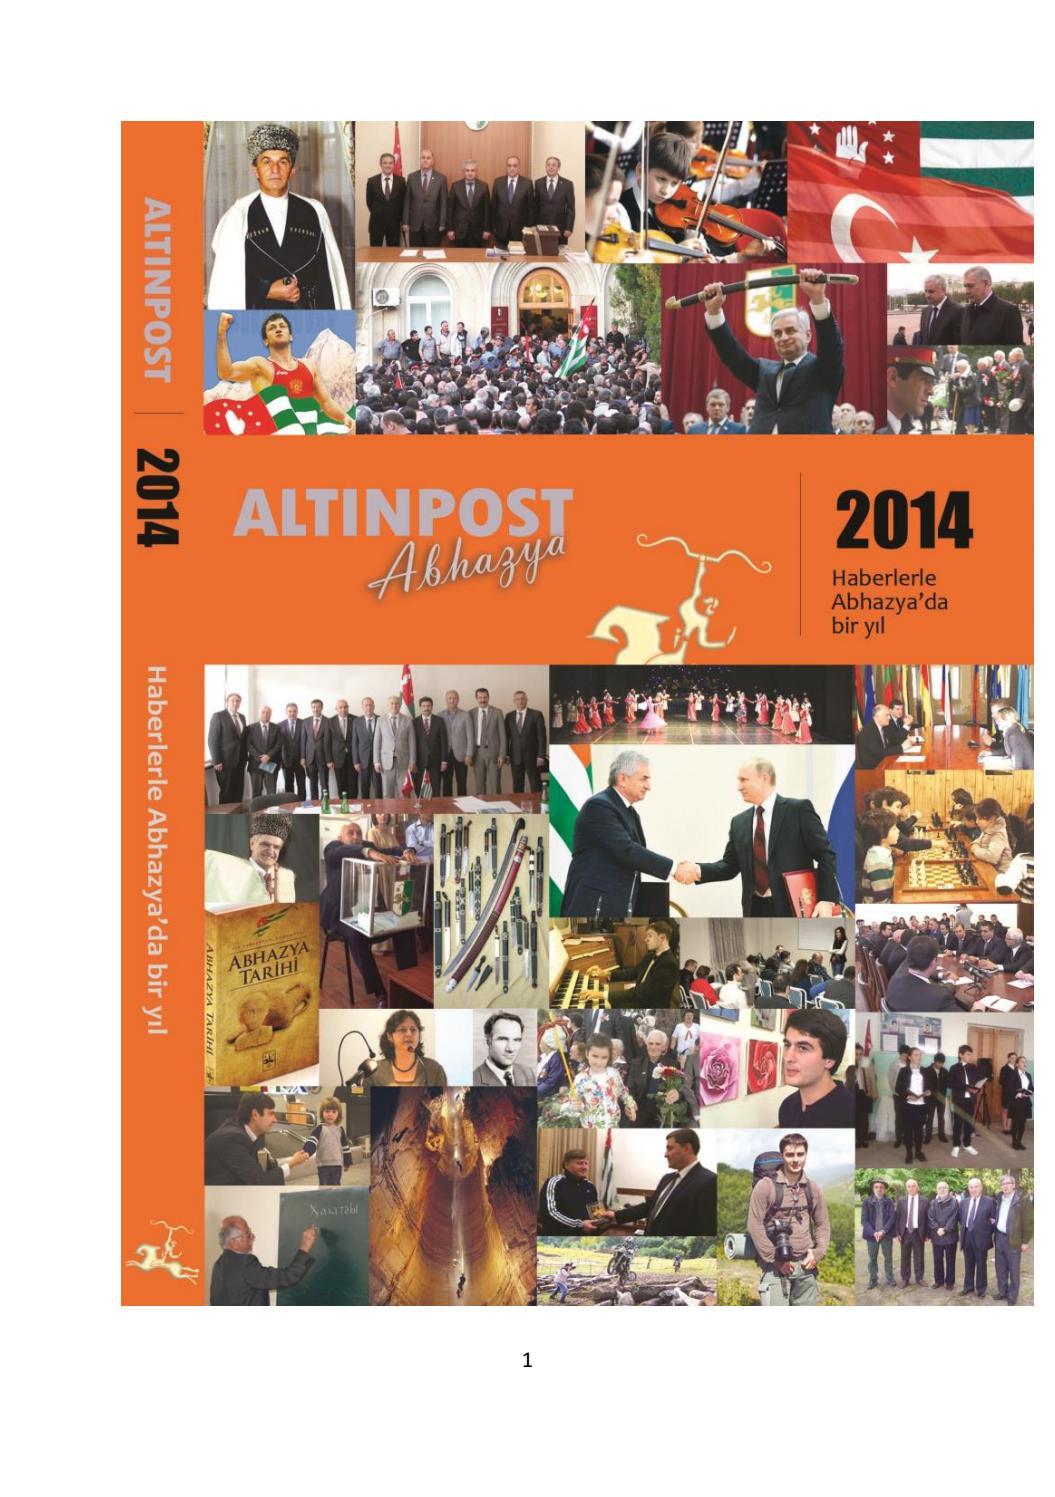 BİM 21 Aralık kataloğu yayınlandı Çeyiz hazırlayanlara özel 72